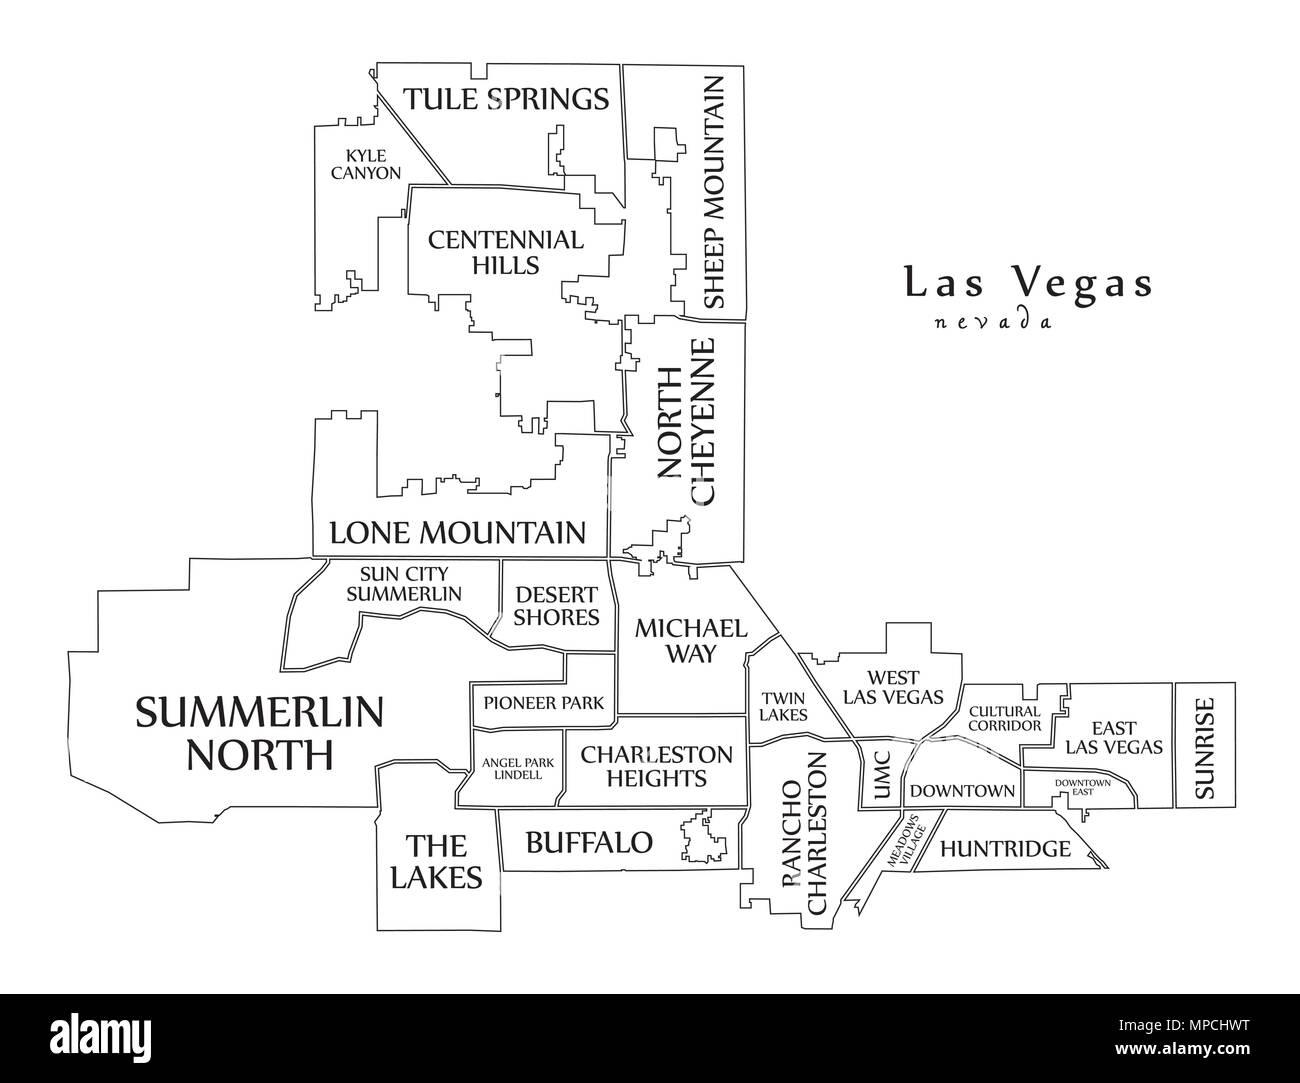 Mapa De La Ciudad Moderna La Ciudad De Las Vegas Nevada De Los Estados Unidos Con Los Barrios Y Titulos Mapa De Esquema Imagen Vector De Stock Alamy